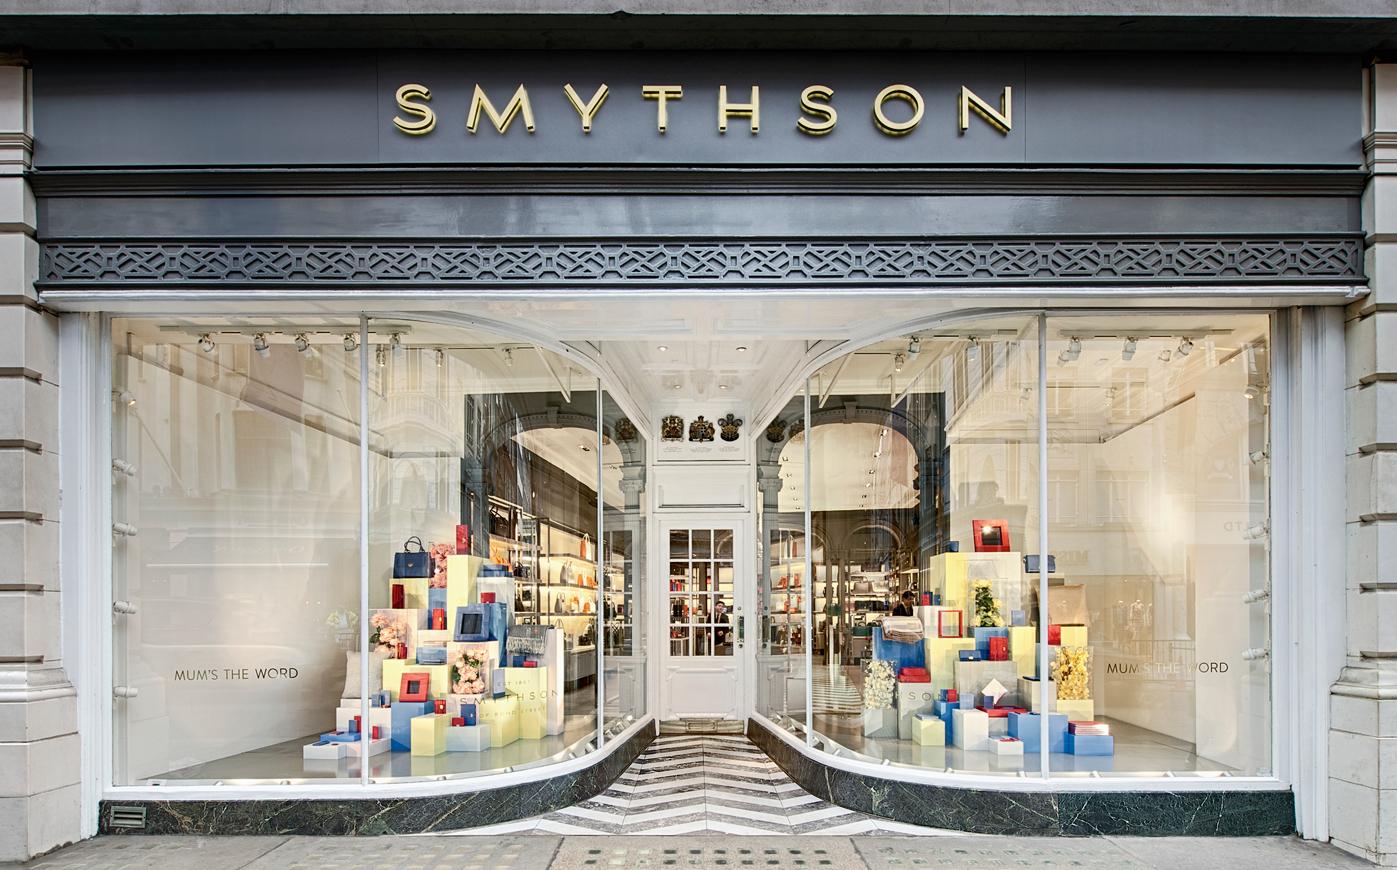 Smythson2aL.jpg